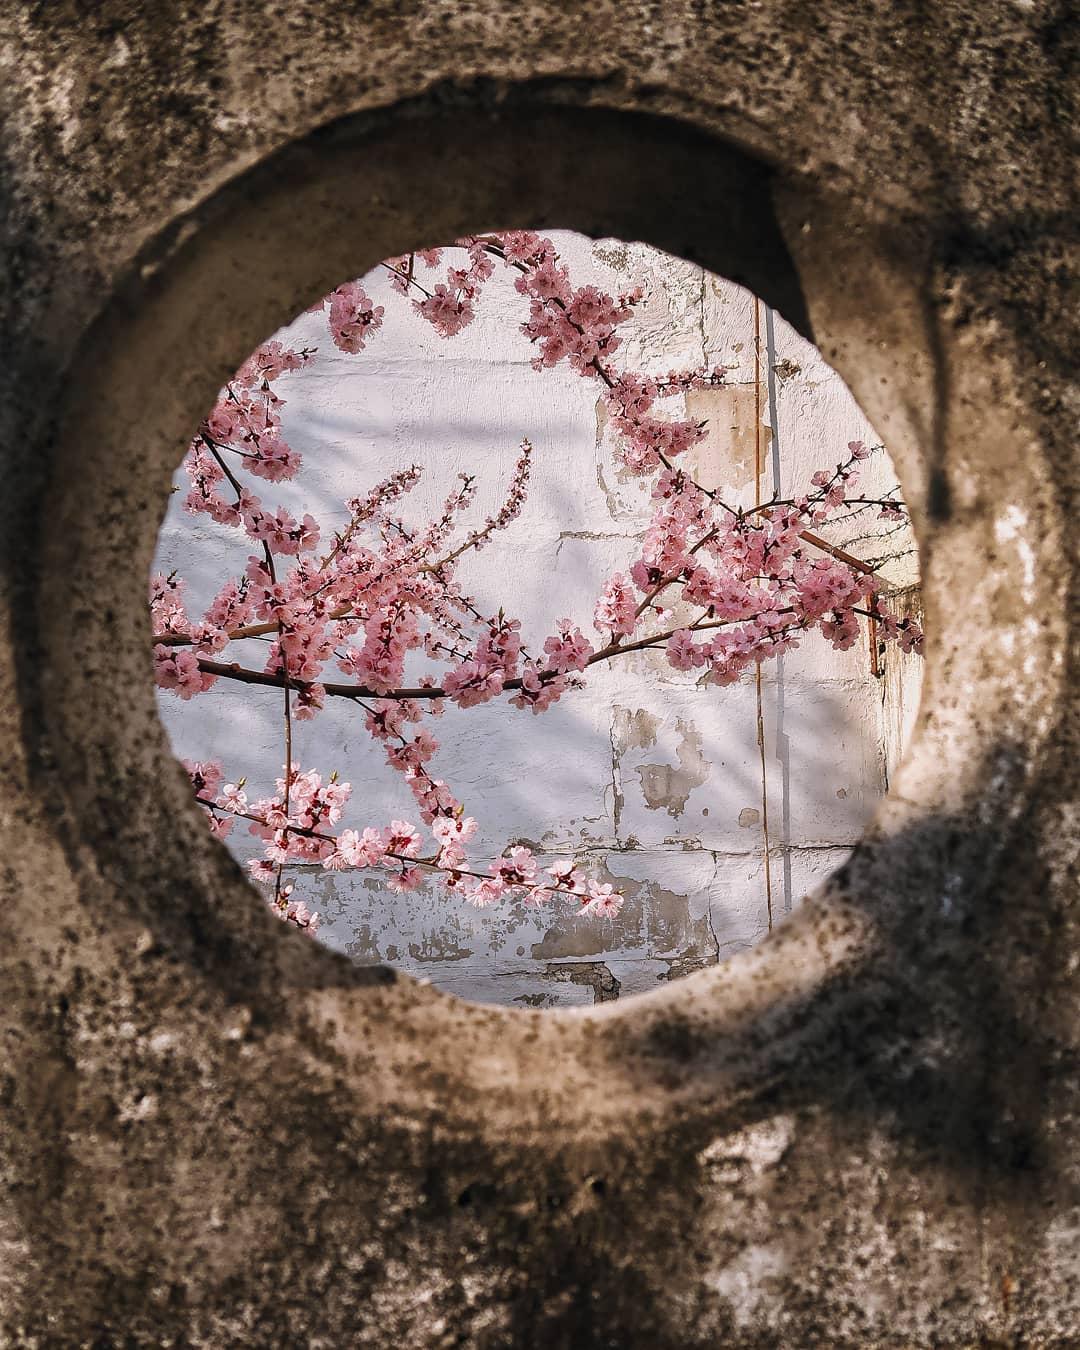 Даже в странных, забытых дворах есть что-то прекрасное. Фото: @wunderlust.robert